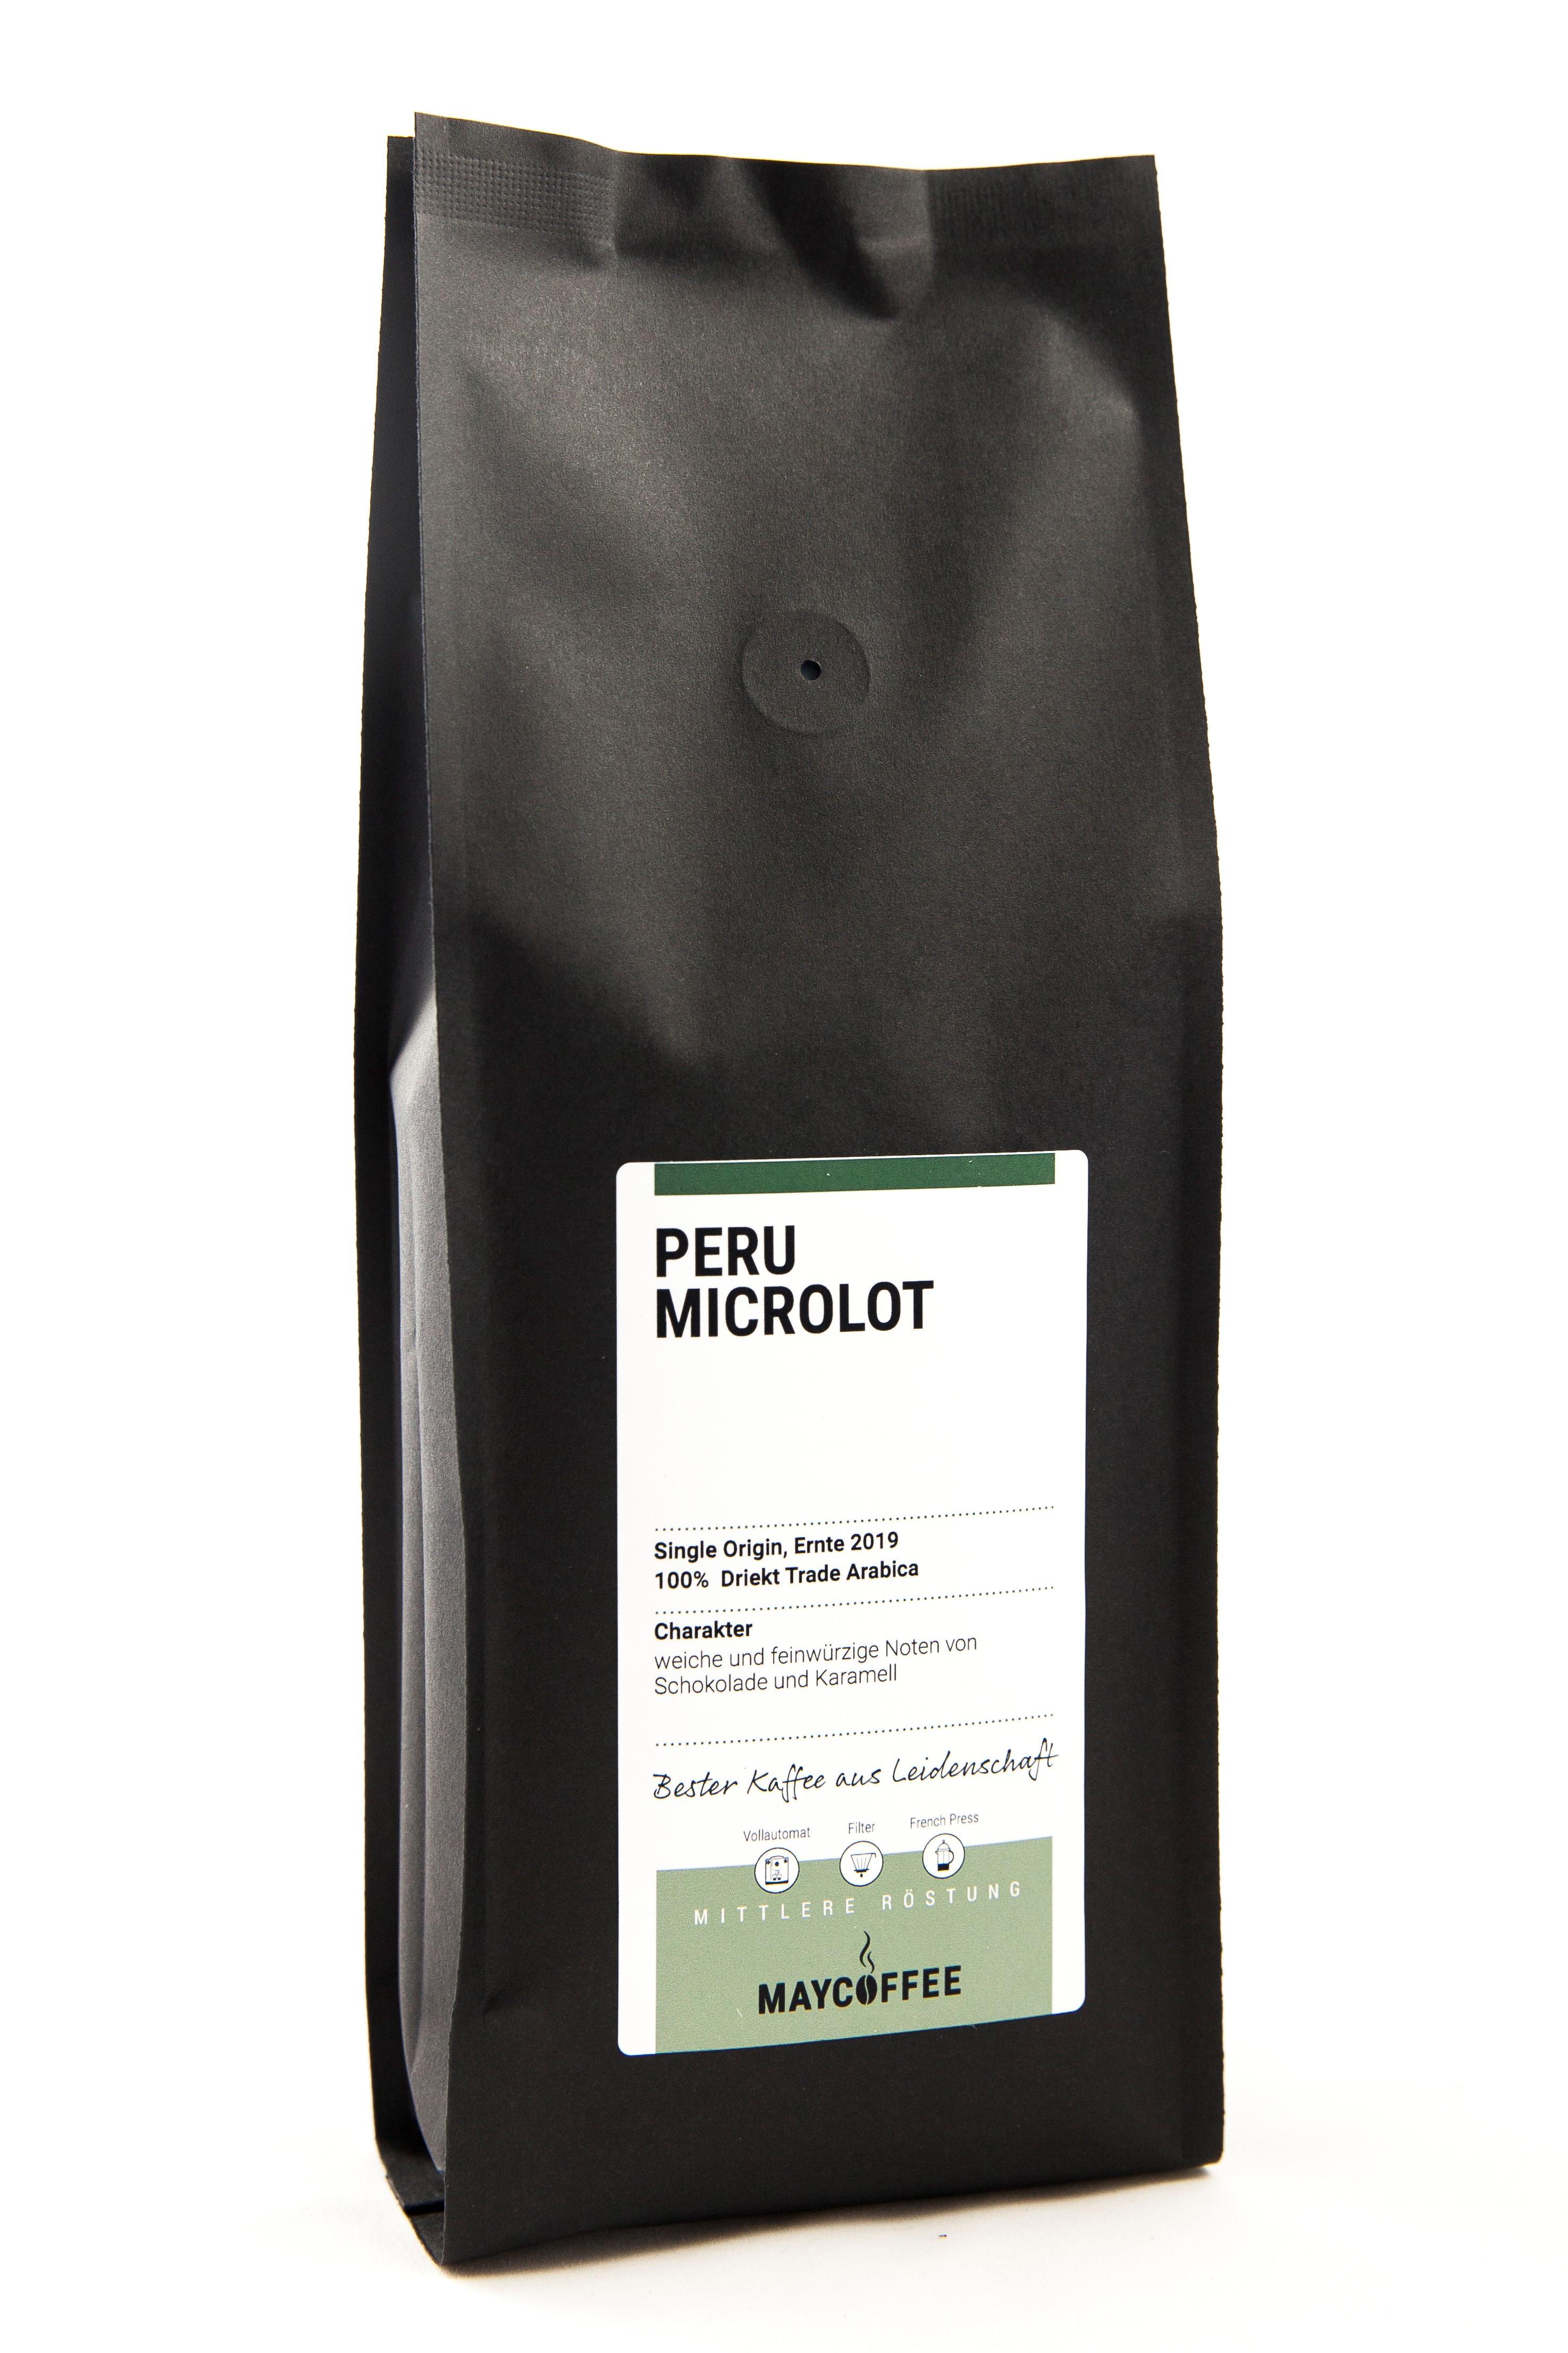 MAYCOFFEE Peru Microlot Kaffee